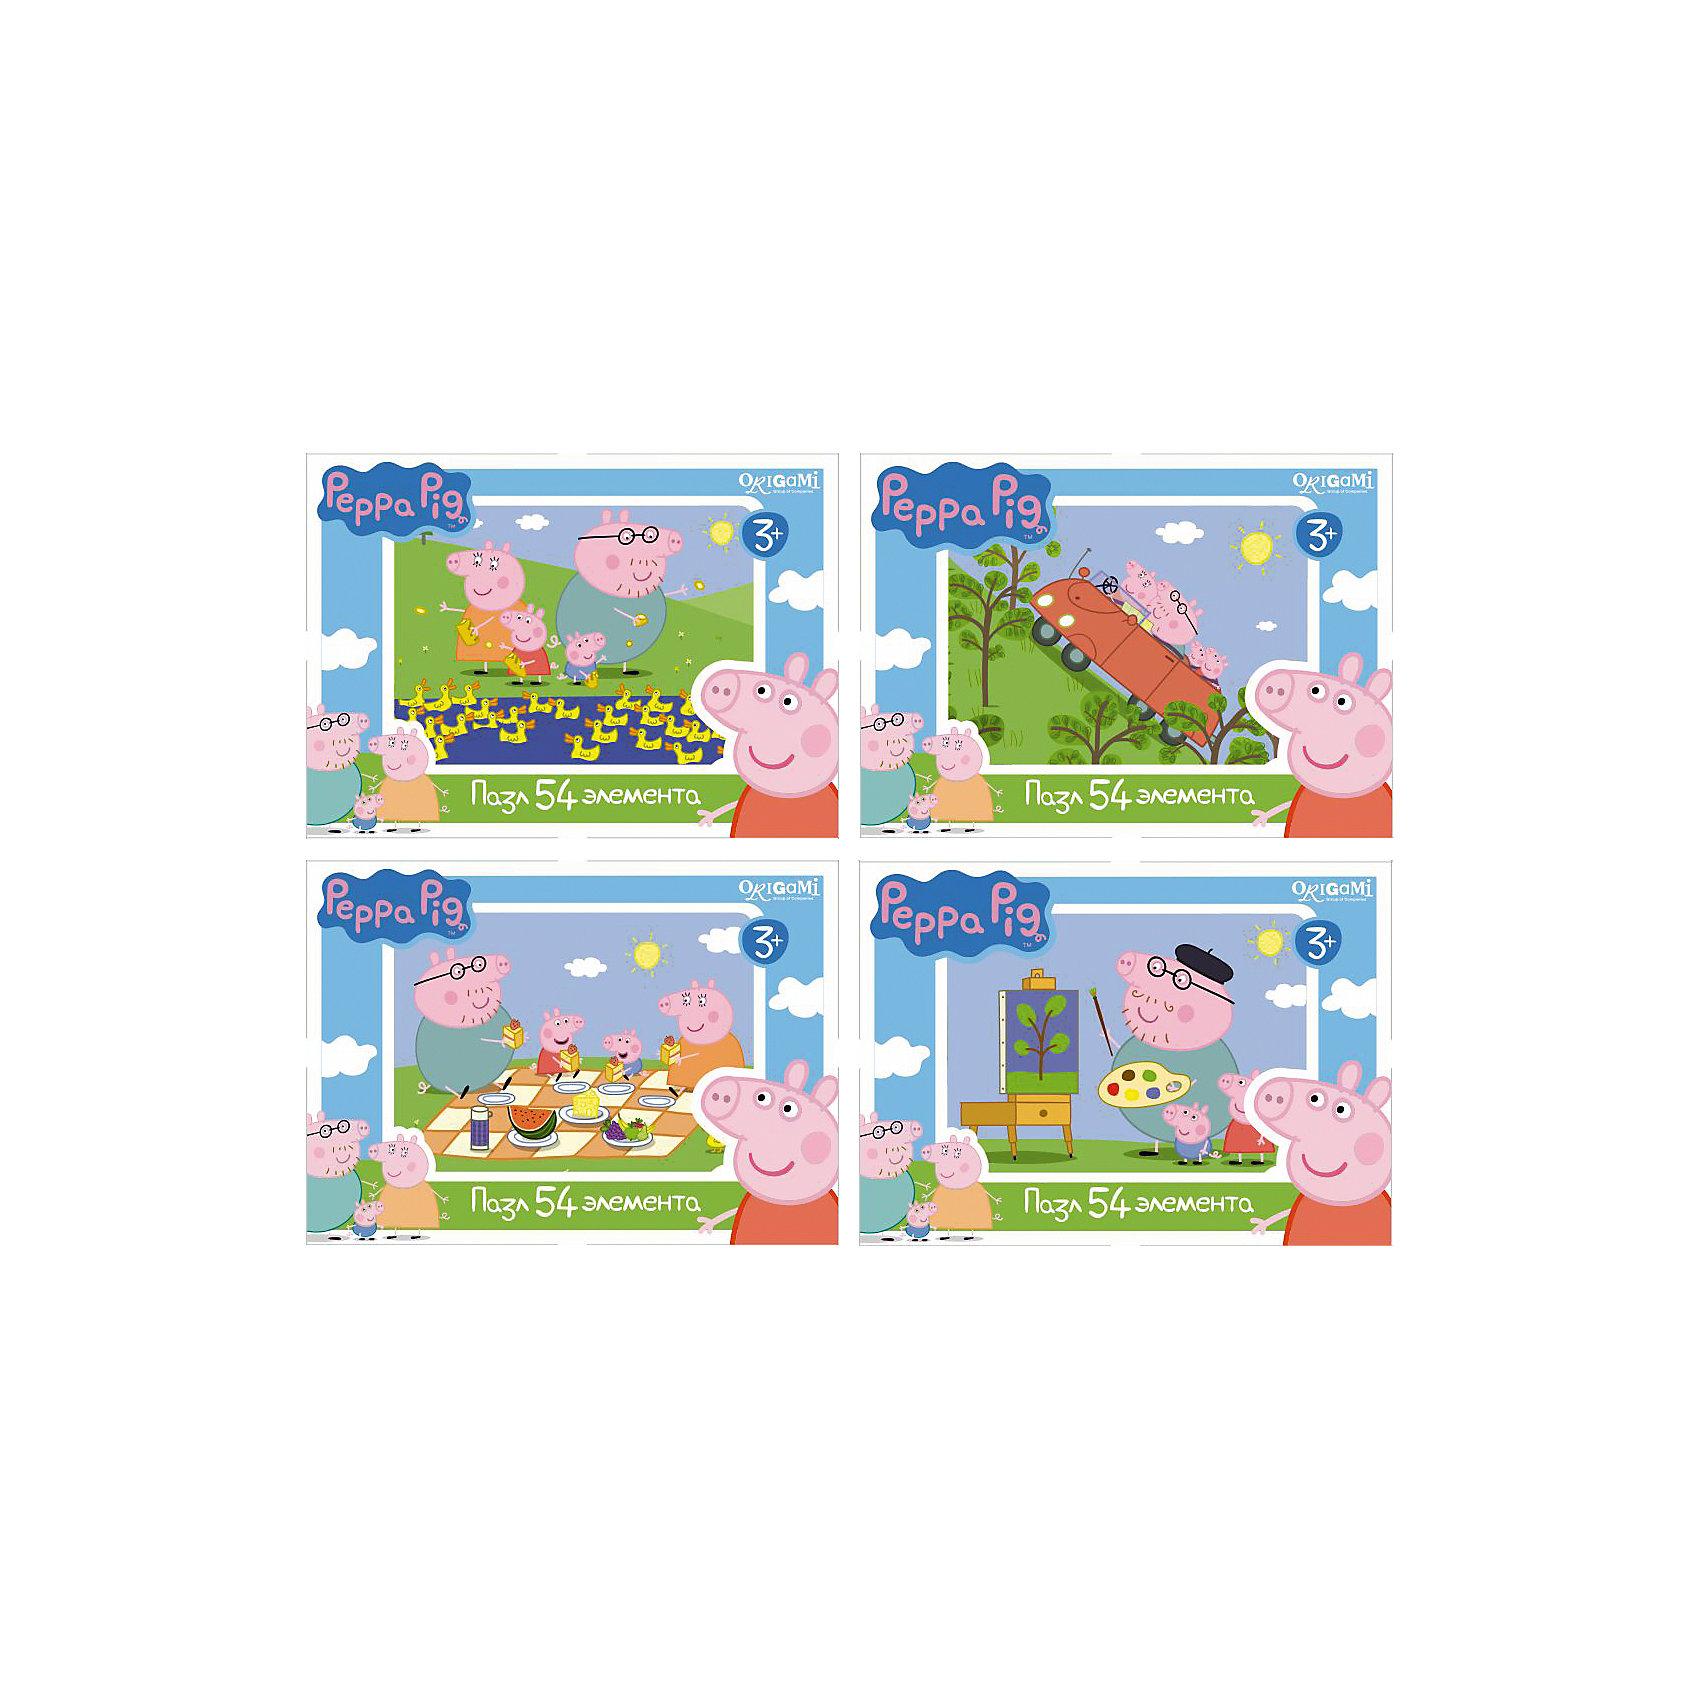 Мини-пазл Свинка Пеппа, 54 детали, OrigamiМини-пазл Свинка Пеппа, Origami - увлекательный набор для творчества, который заинтересует Вашего малыша и подарит ему отличное настроение. Из деталей пазла он сможет собрать красочную картинку с веселым сюжетом из популярного мультсериала Peppa Pig (в ассортименте 4 эпизода). Пазл отличается высоким качеством полиграфии и насыщенными цветами. Благодаря ламинированному покрытию, картинка надолго сохраняет свой блеск и яркие цвета. Плотный картон не дает деталям мяться и обеспечивает надежное соединение. Собирание пазла способствует развитию логического и пространственного мышления, внимания, мелкой моторики и координации движений.<br><br>Дополнительная информация:<br><br>- Материал: картон. <br>- Количество деталей: 54.<br>- Размер собранной картинки: 13 х 10 см.<br>- Размер упаковки: 15 х 4 х 12 см.<br>- Вес: 30 гр.<br> <br>Мини-пазл Свинка Пеппа, 54 детали, Origami, можно купить в нашем интернет-магазине.<br><br>Ширина мм: 90<br>Глубина мм: 25<br>Высота мм: 65<br>Вес г: 30<br>Возраст от месяцев: 36<br>Возраст до месяцев: 96<br>Пол: Унисекс<br>Возраст: Детский<br>SKU: 4614931